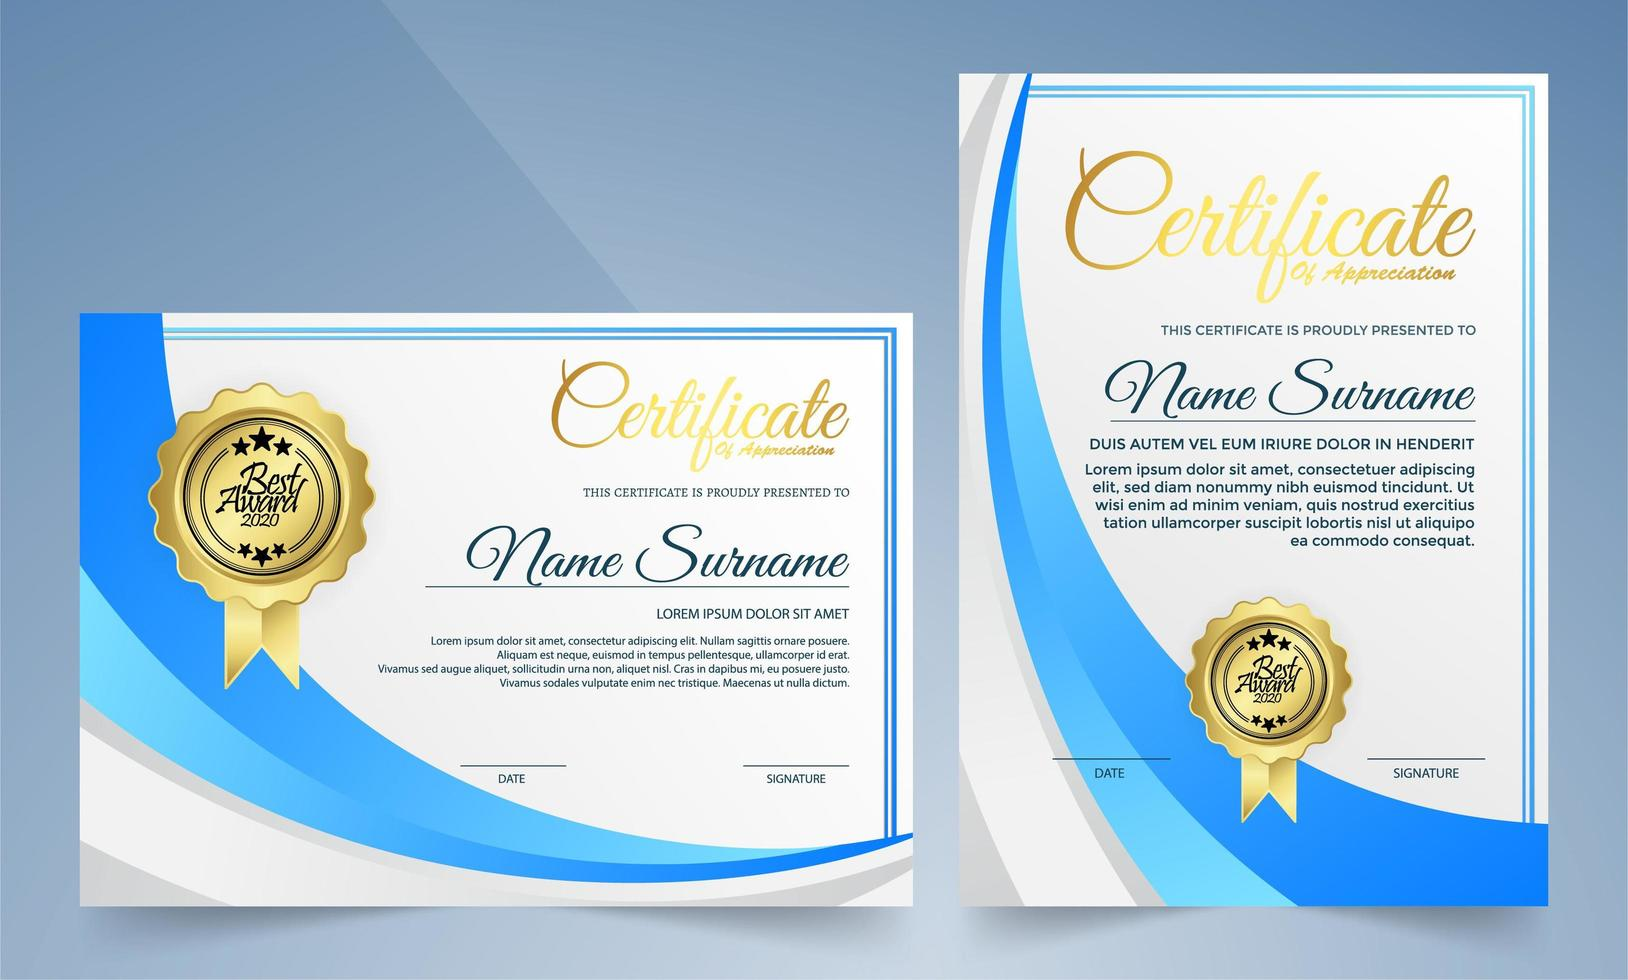 certificati di forma curva blu e bianca orizzontali e verticali vettore